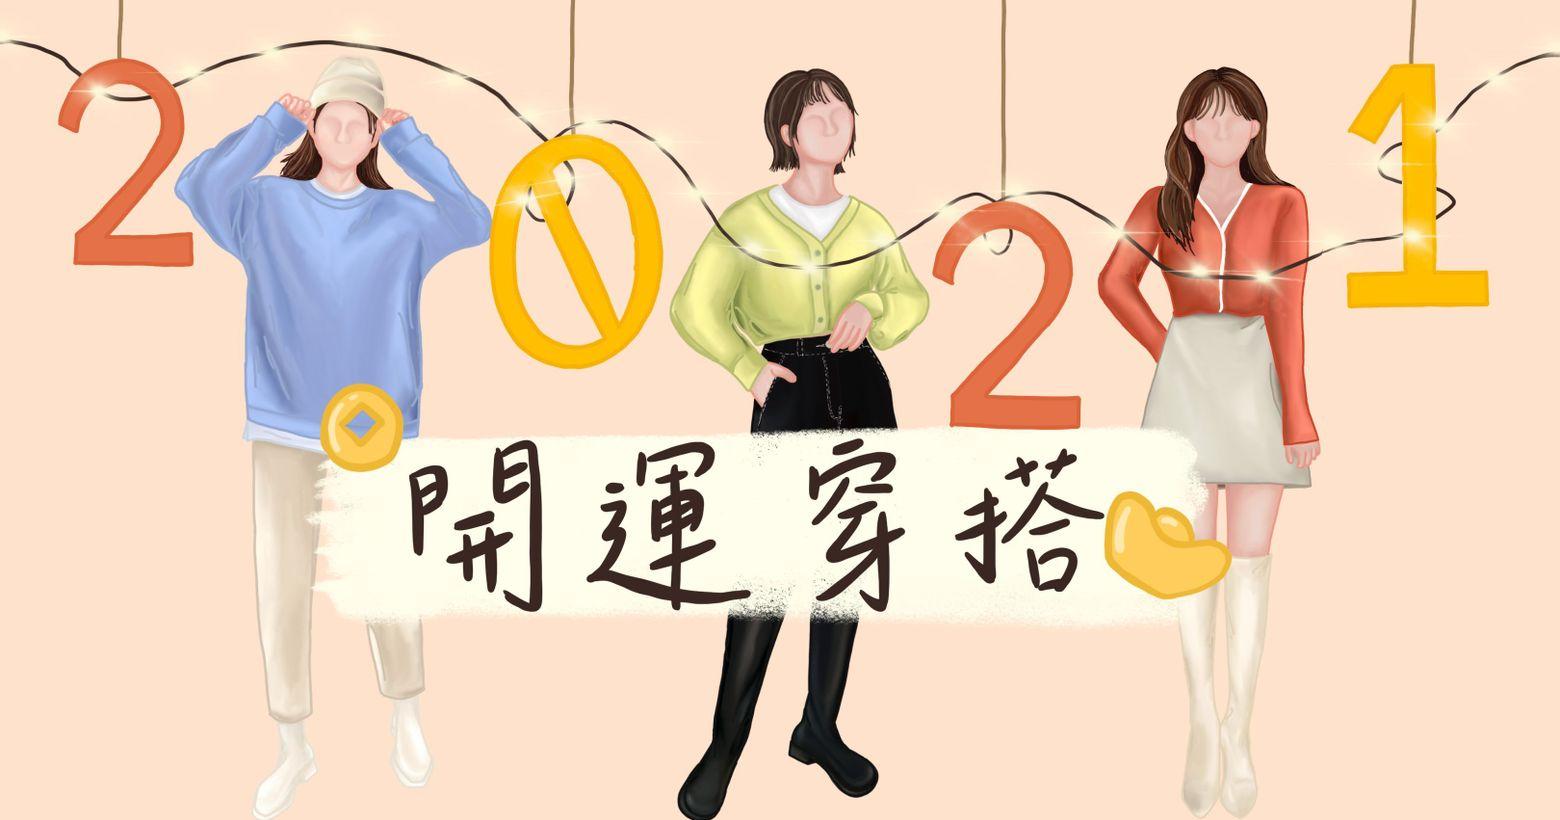 2021新春開運穿搭!讓你成為走春焦點,贏錢贏到手軟💰農曆新年要來啦🥳這可以說是我每年最期待的事